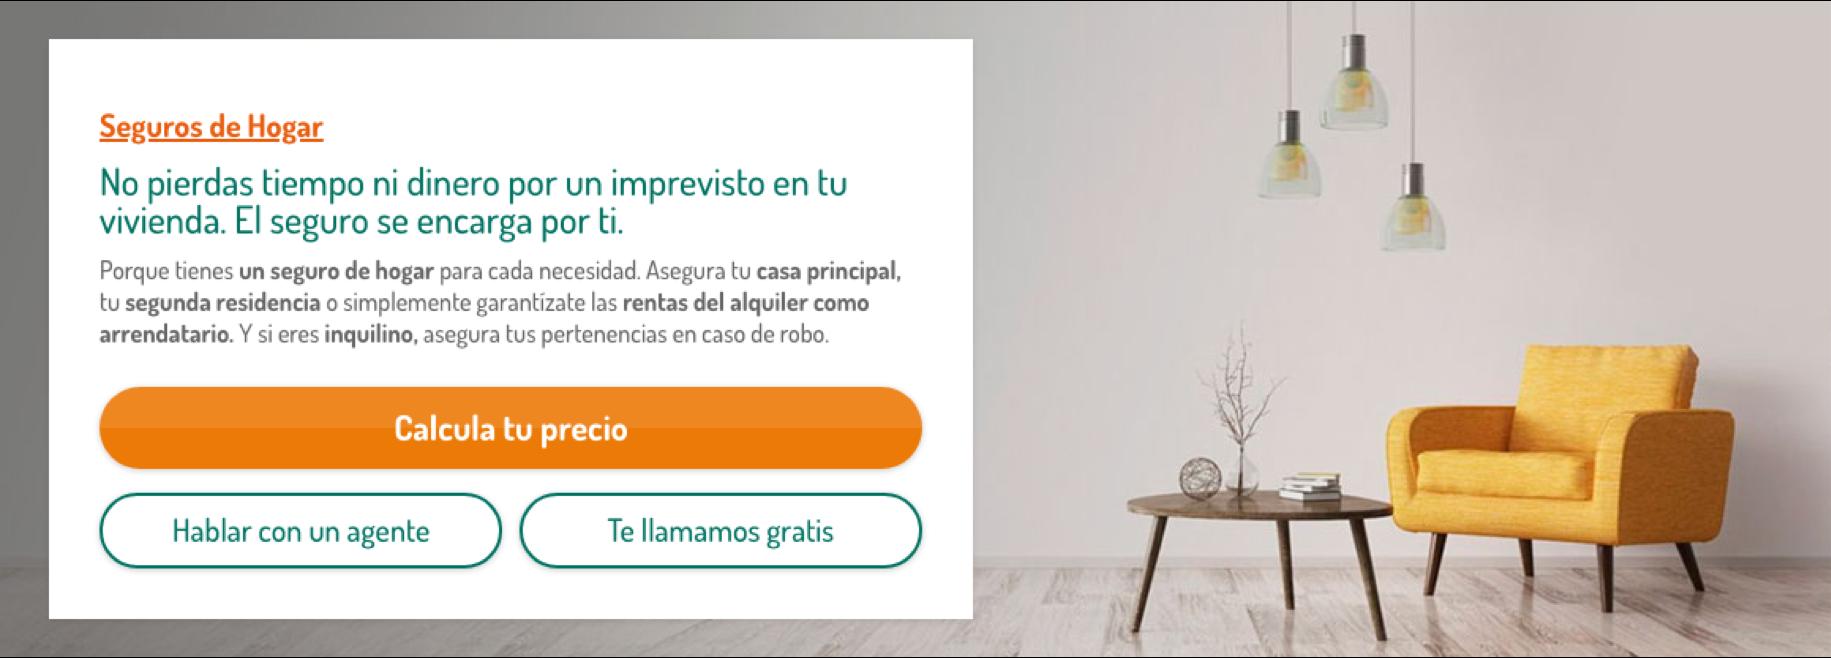 Seguro de hogar Tenerife   Kvilar Agente CASER   Seguros generales y productos de vida, ahorro e inversión en Tenerife